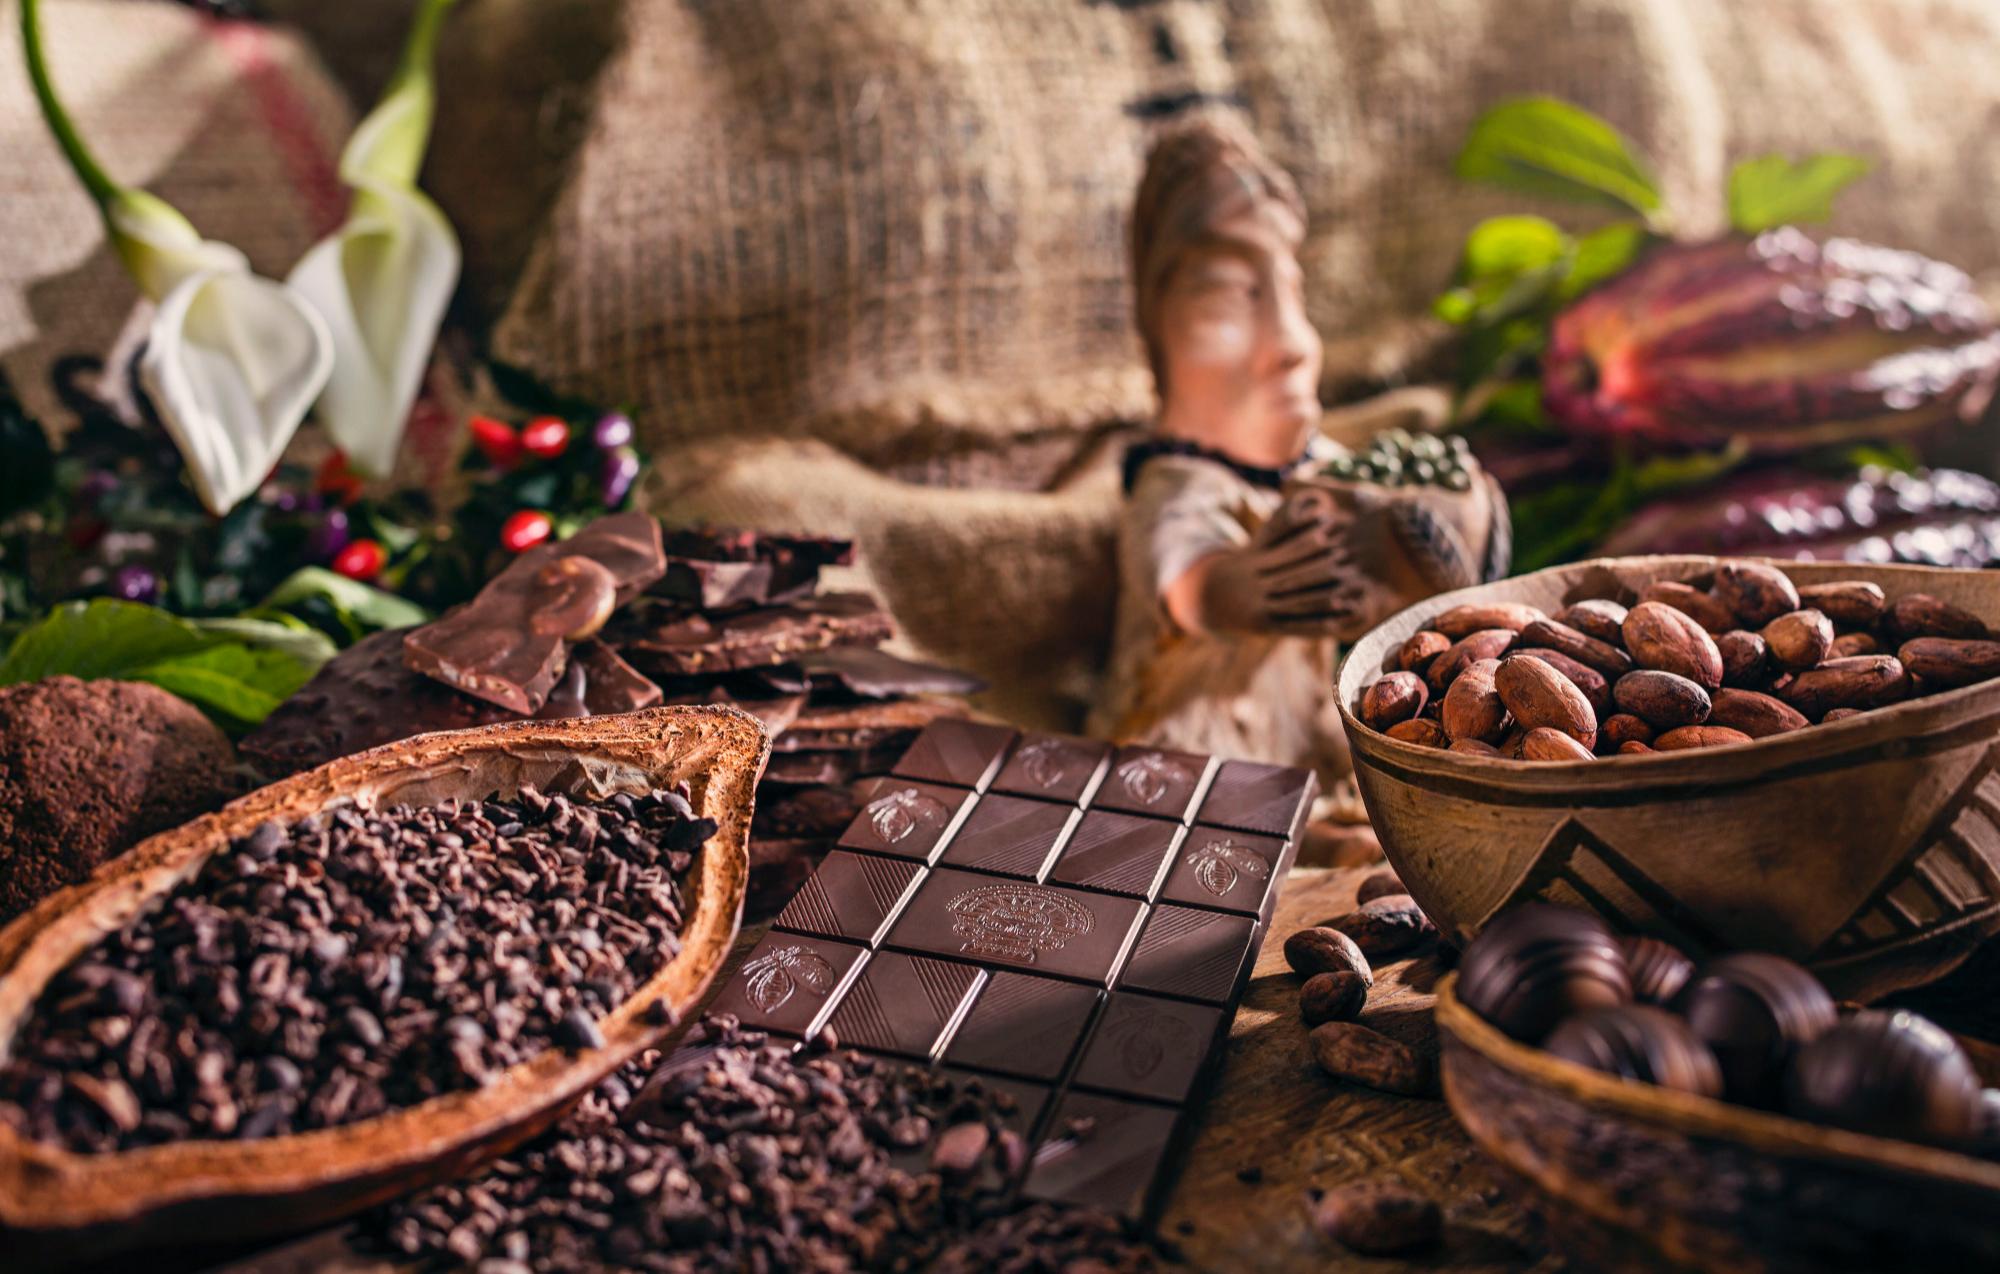 kochen-mit-schokolade-duesseldorf-bg1